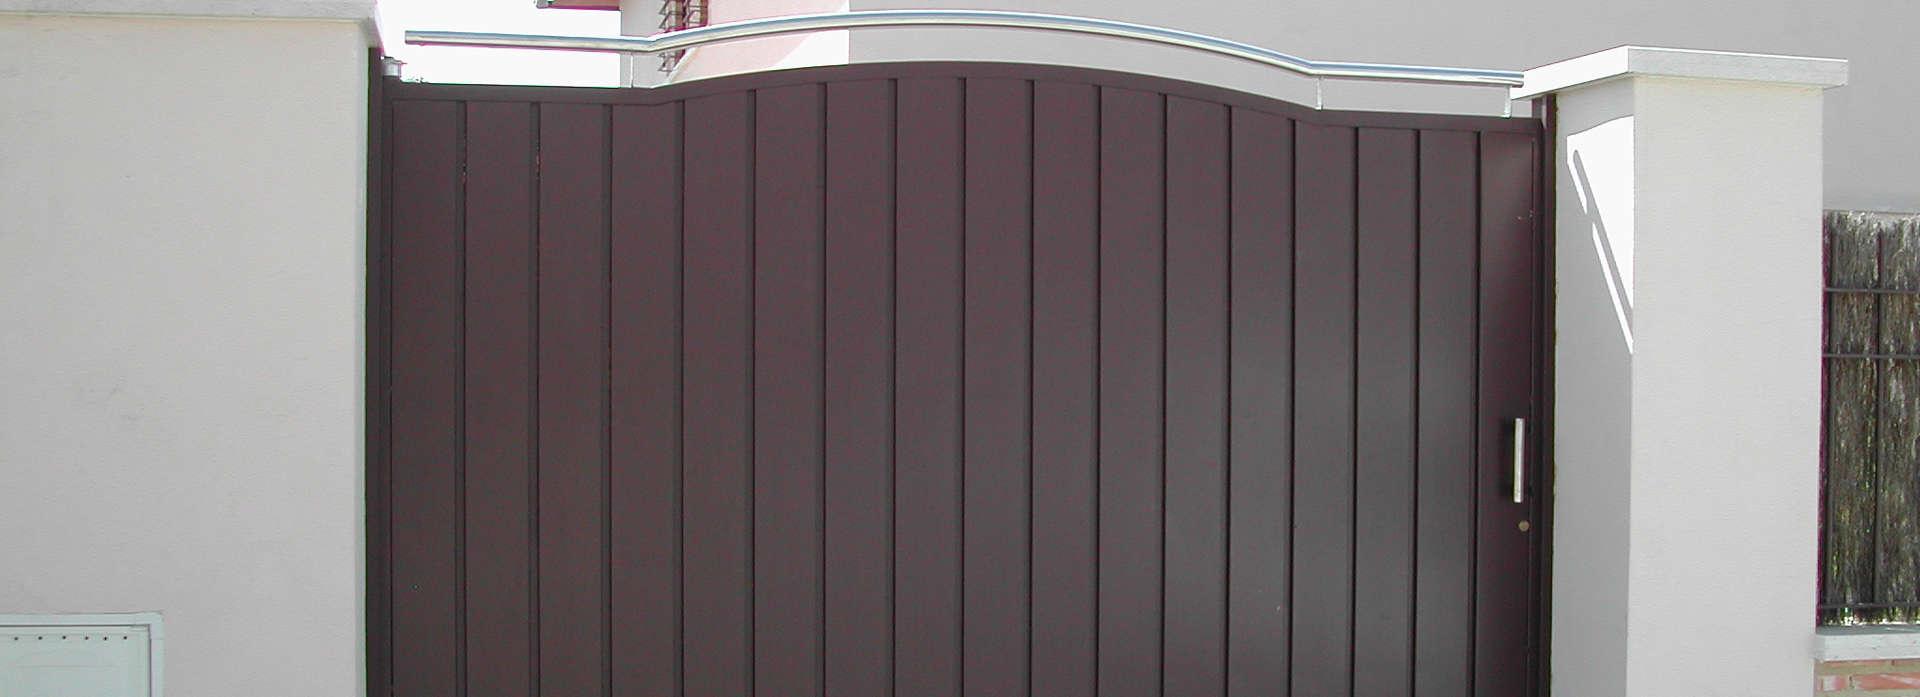 Instalación de puertas metálicas